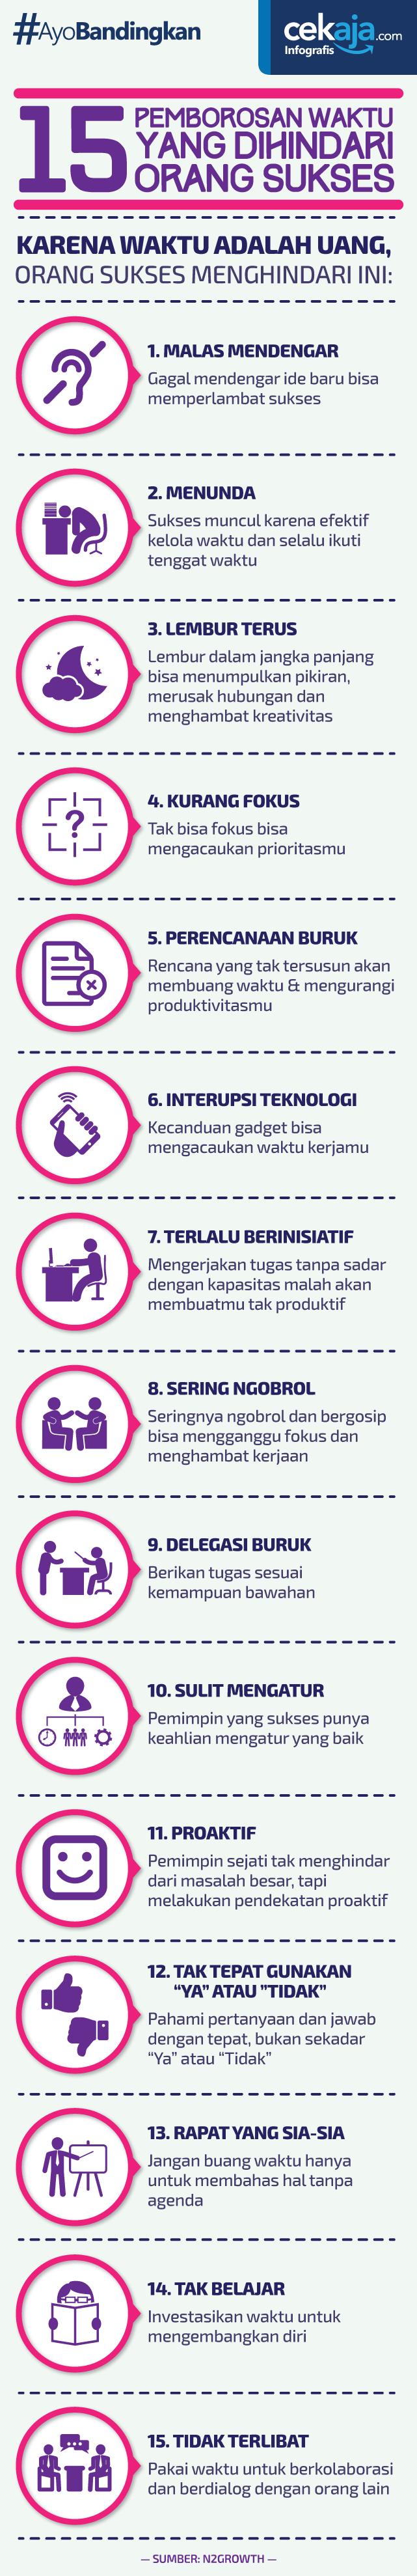 INFOGRAFIS_15-Pemborosan-Waktu-yang-Dihindari-Orang-Sukses-CekAja